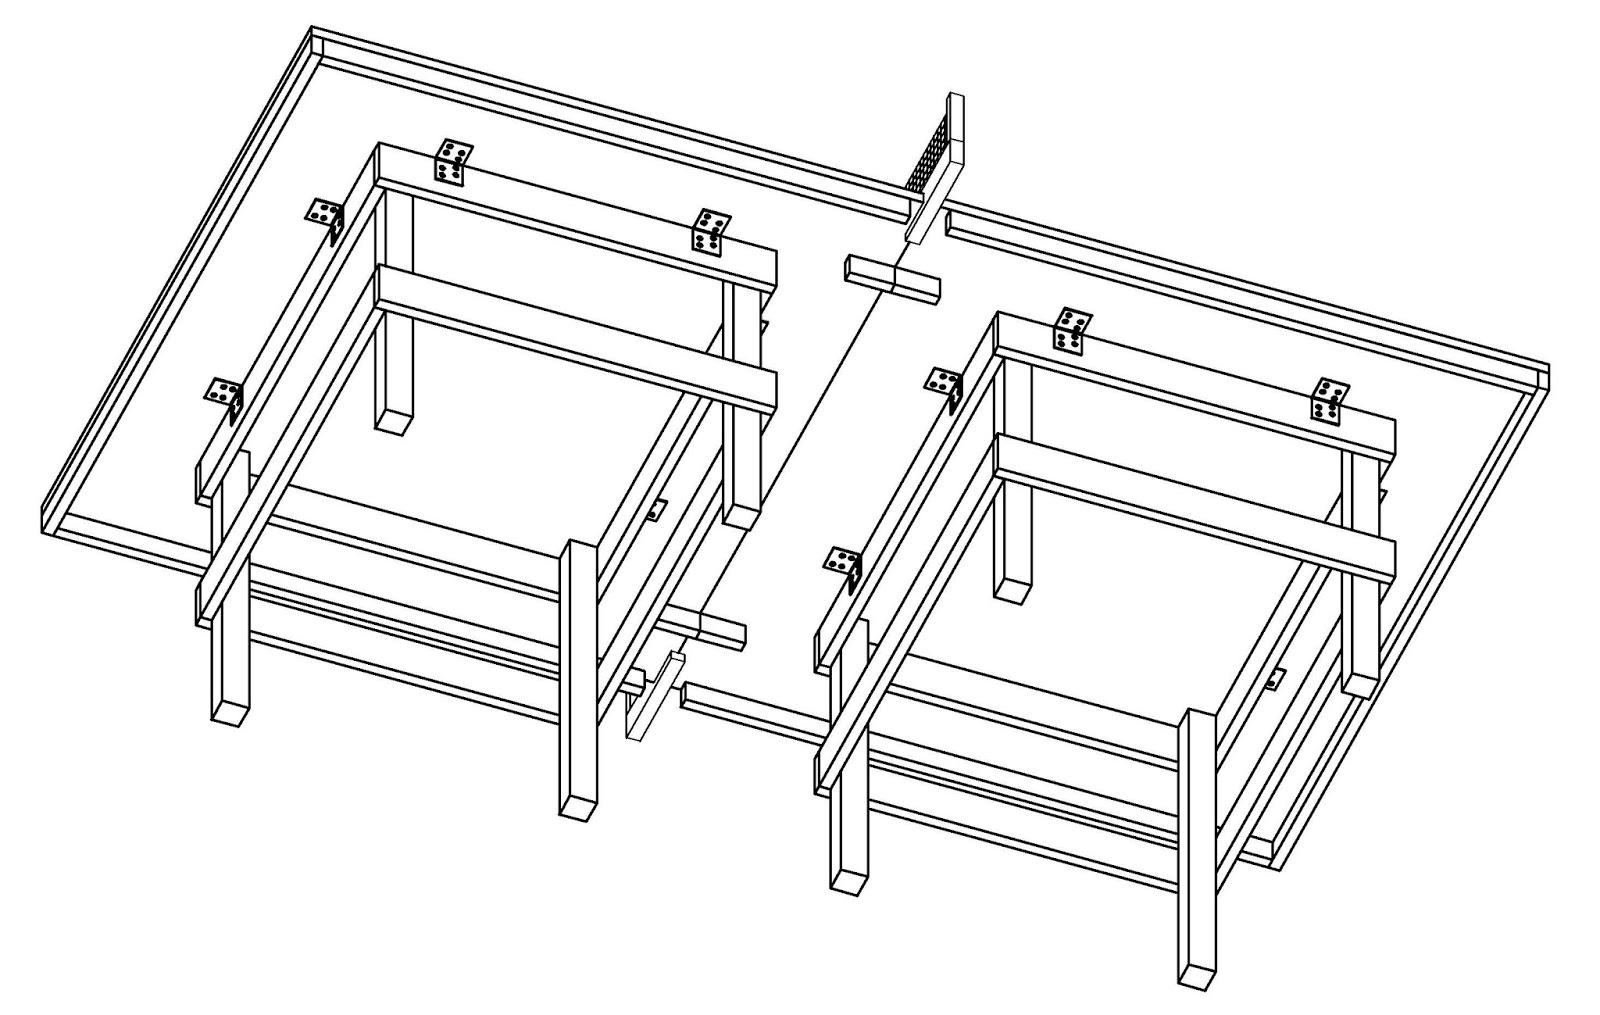 Costruire facile come costruire un tavolo da ping pong - Materiale tavolo ping pong ...